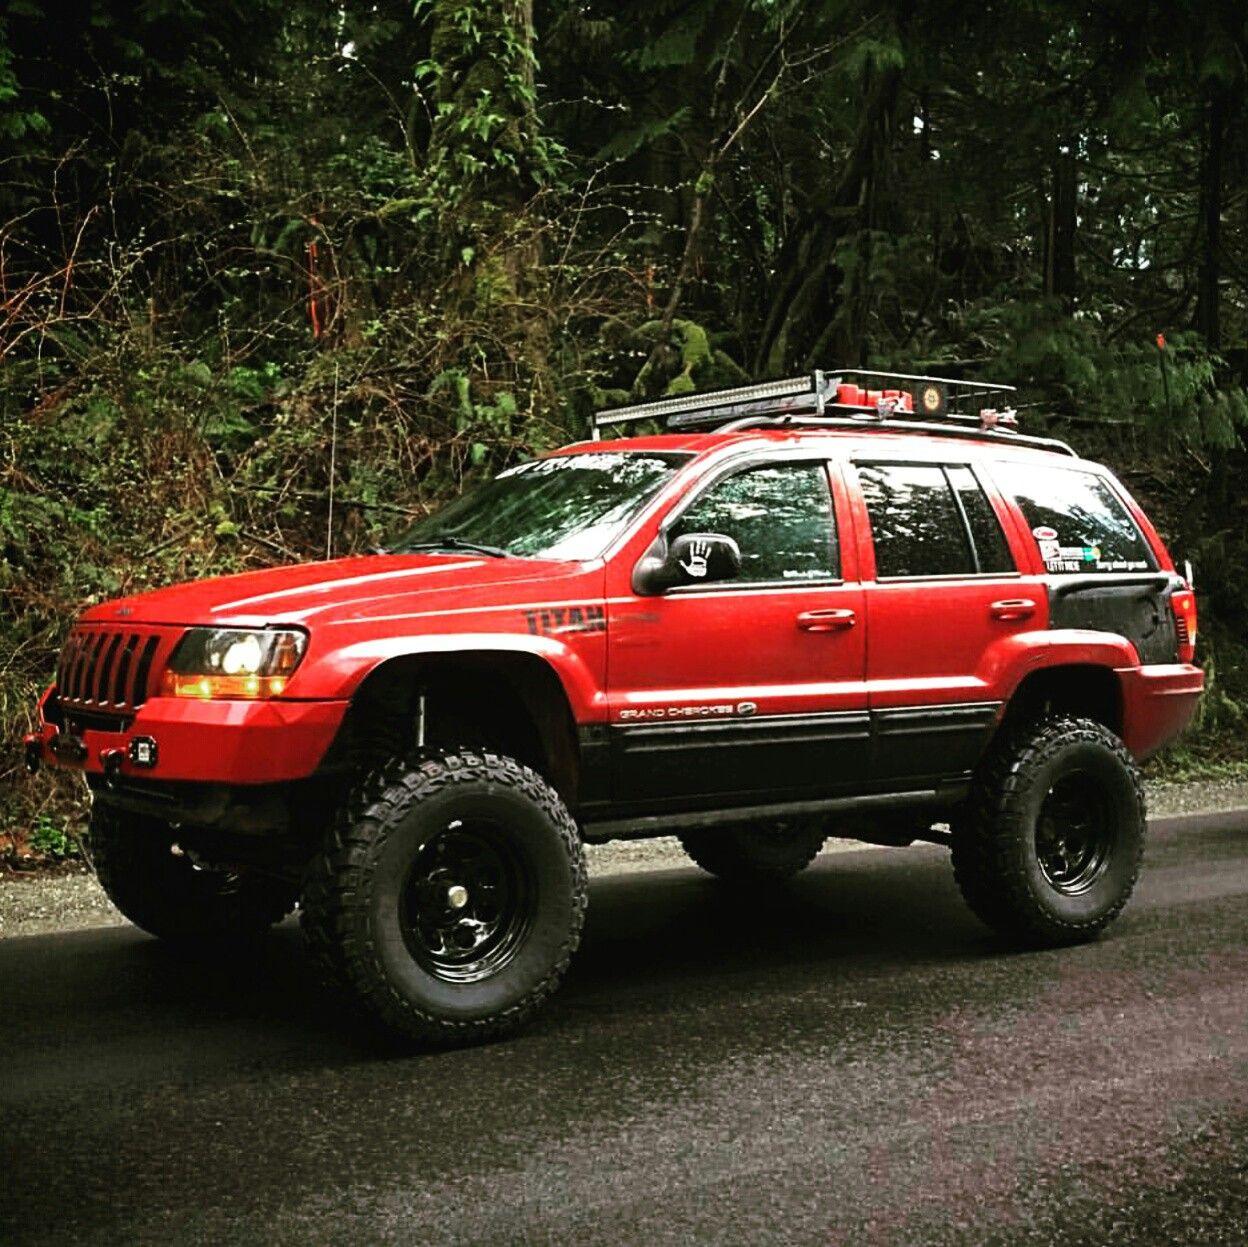 Pin By Hk Offroad On Fellow Wj Ians Jeep Wj Jeep Grand Cherokee